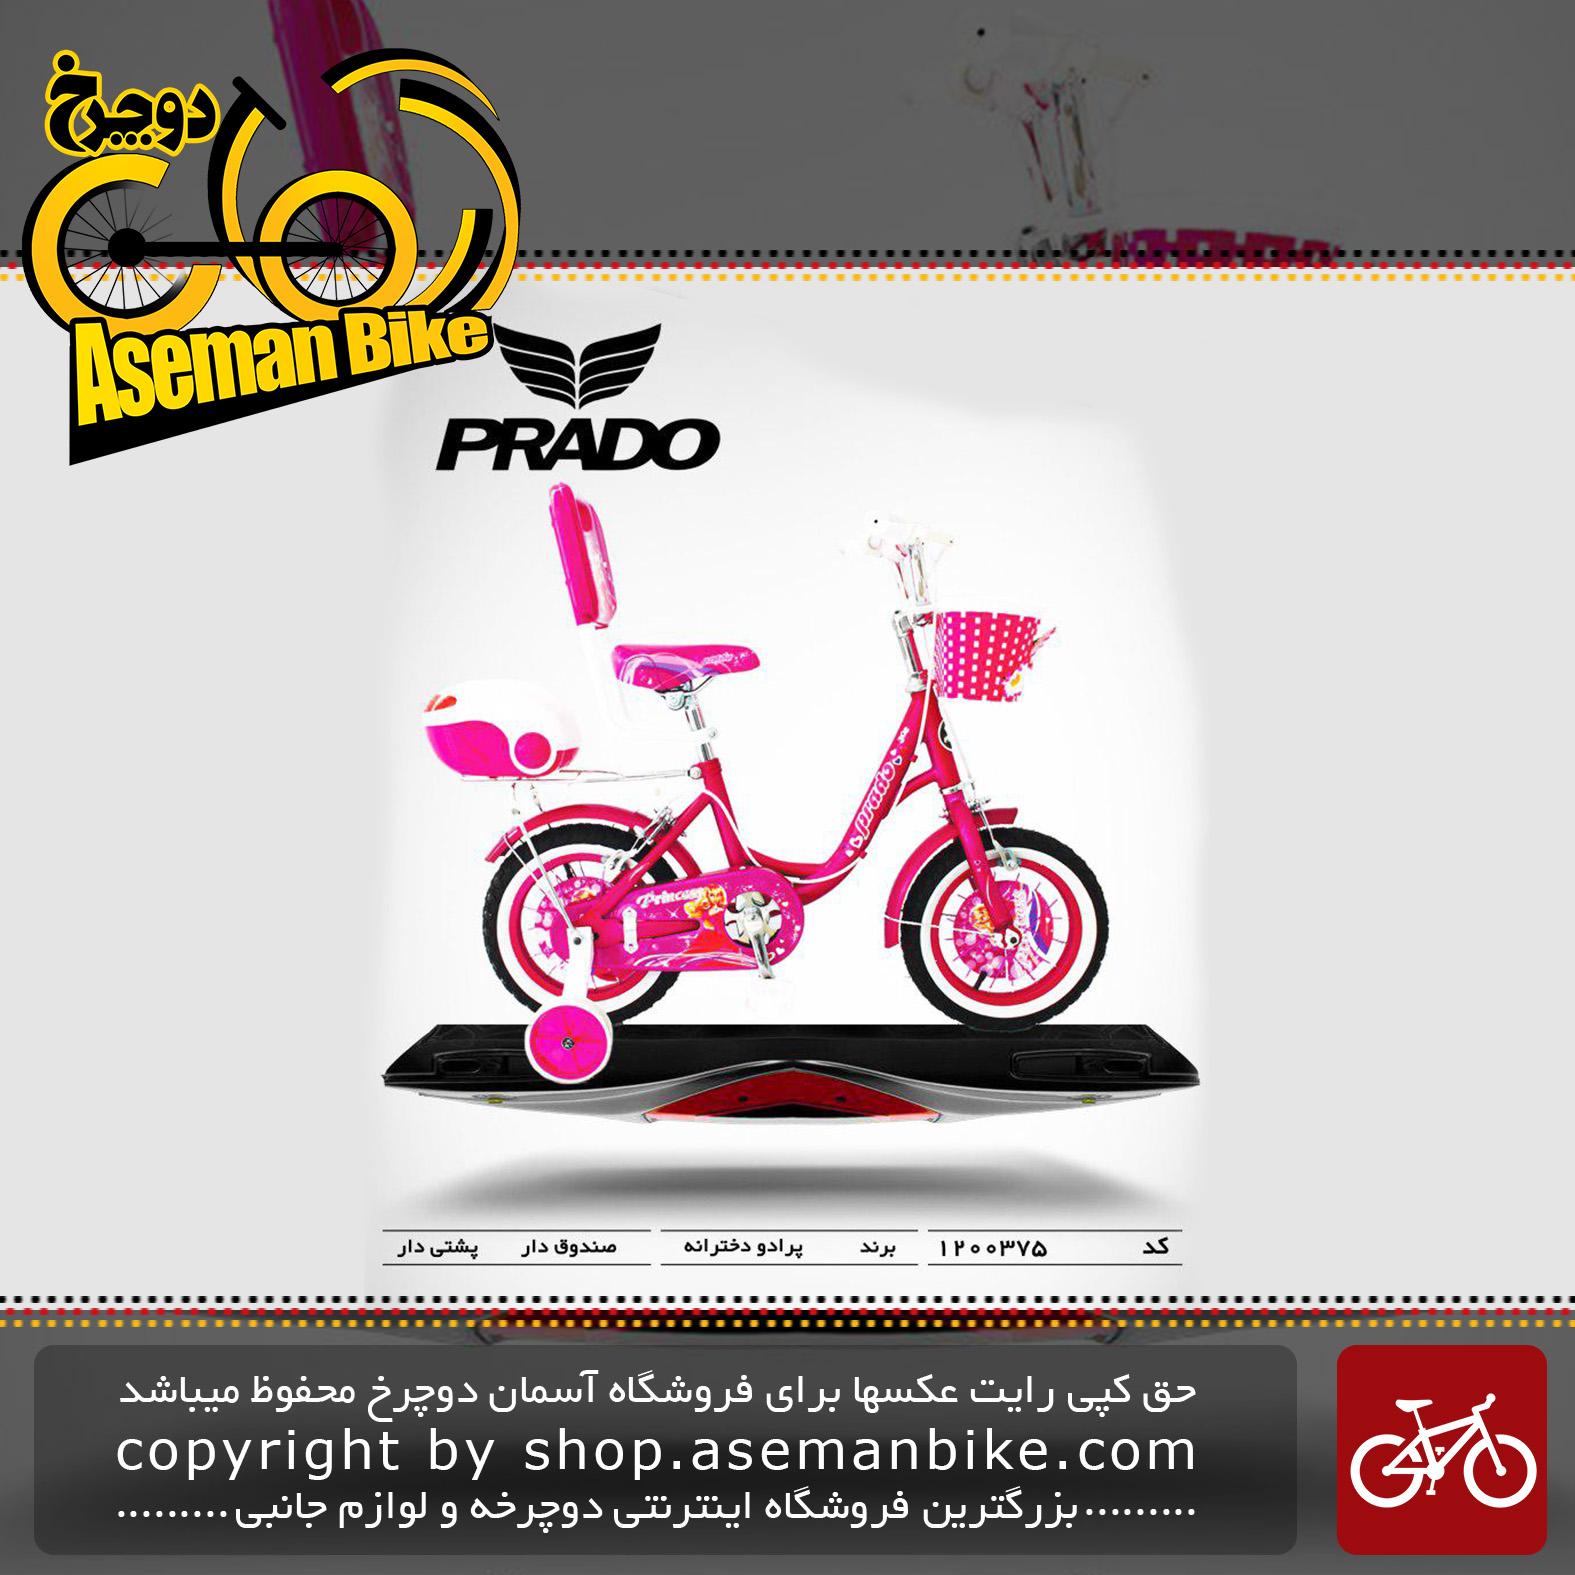 دوچرخه دخترانه پرادو تایوان صندوق و سبد دار مدل 375 سایز 12 PRADO Bicycle 375 Size 12 2019